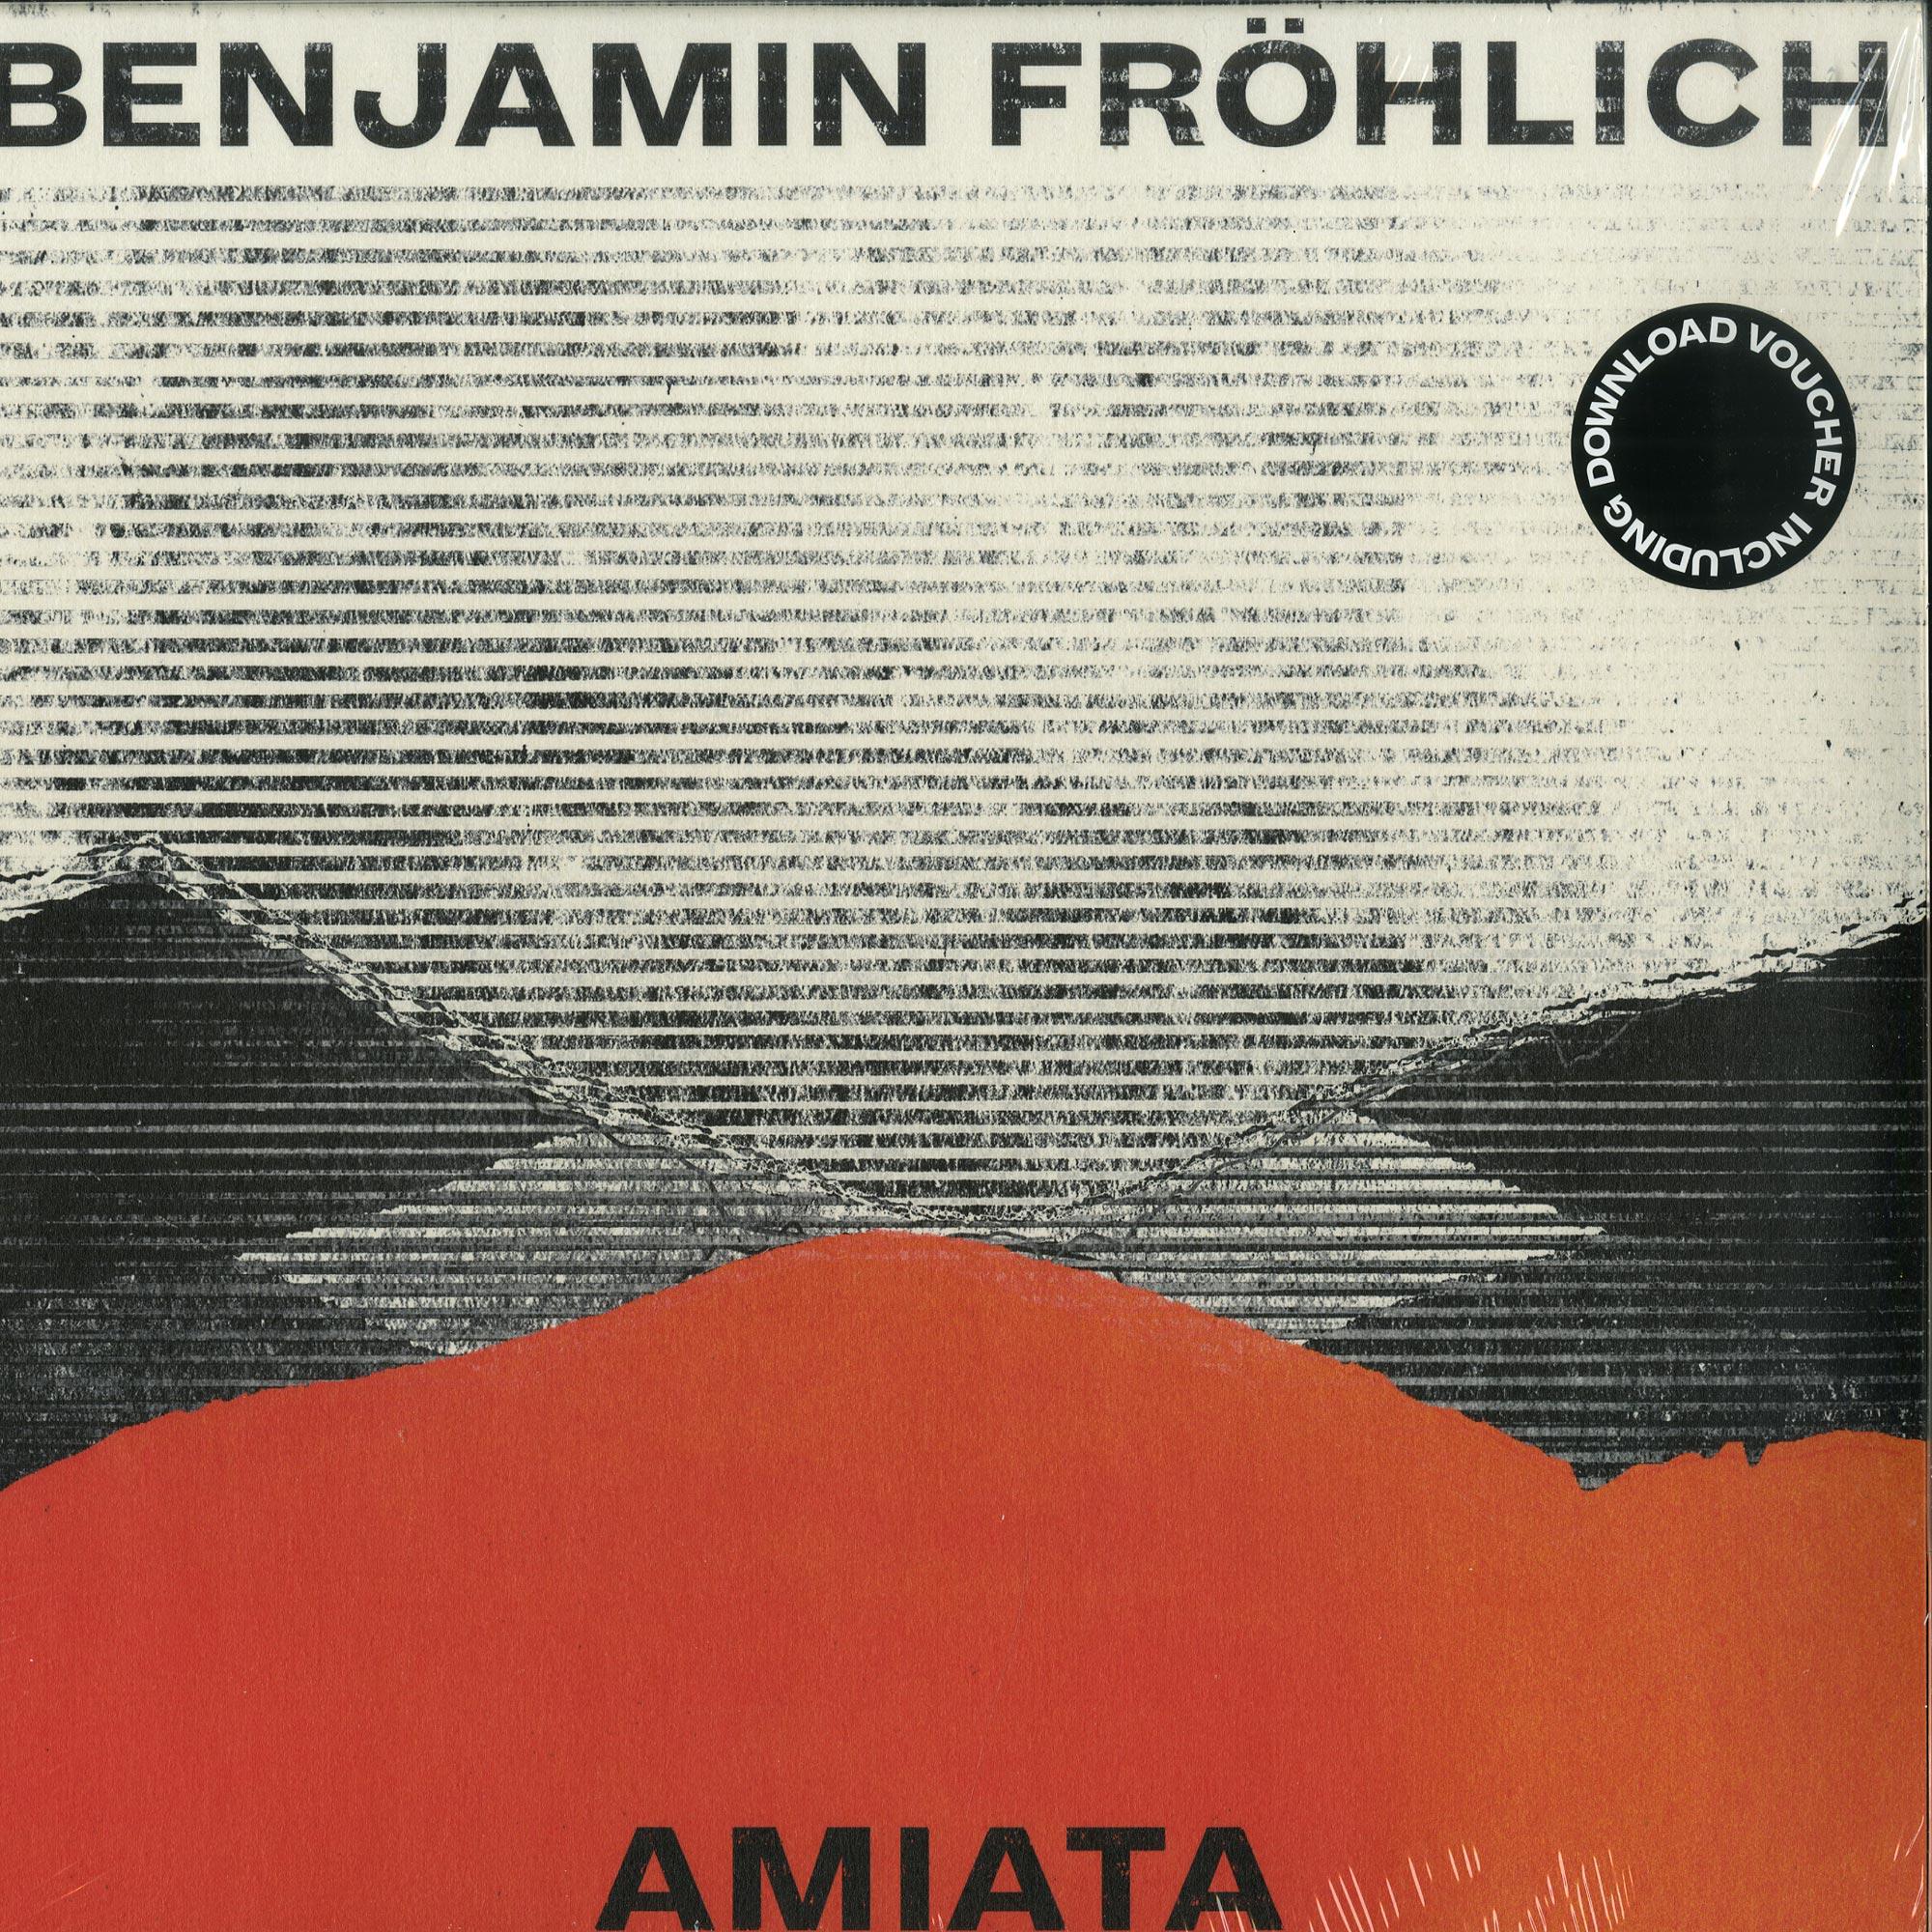 Benjamin Froehlich - AMIATA